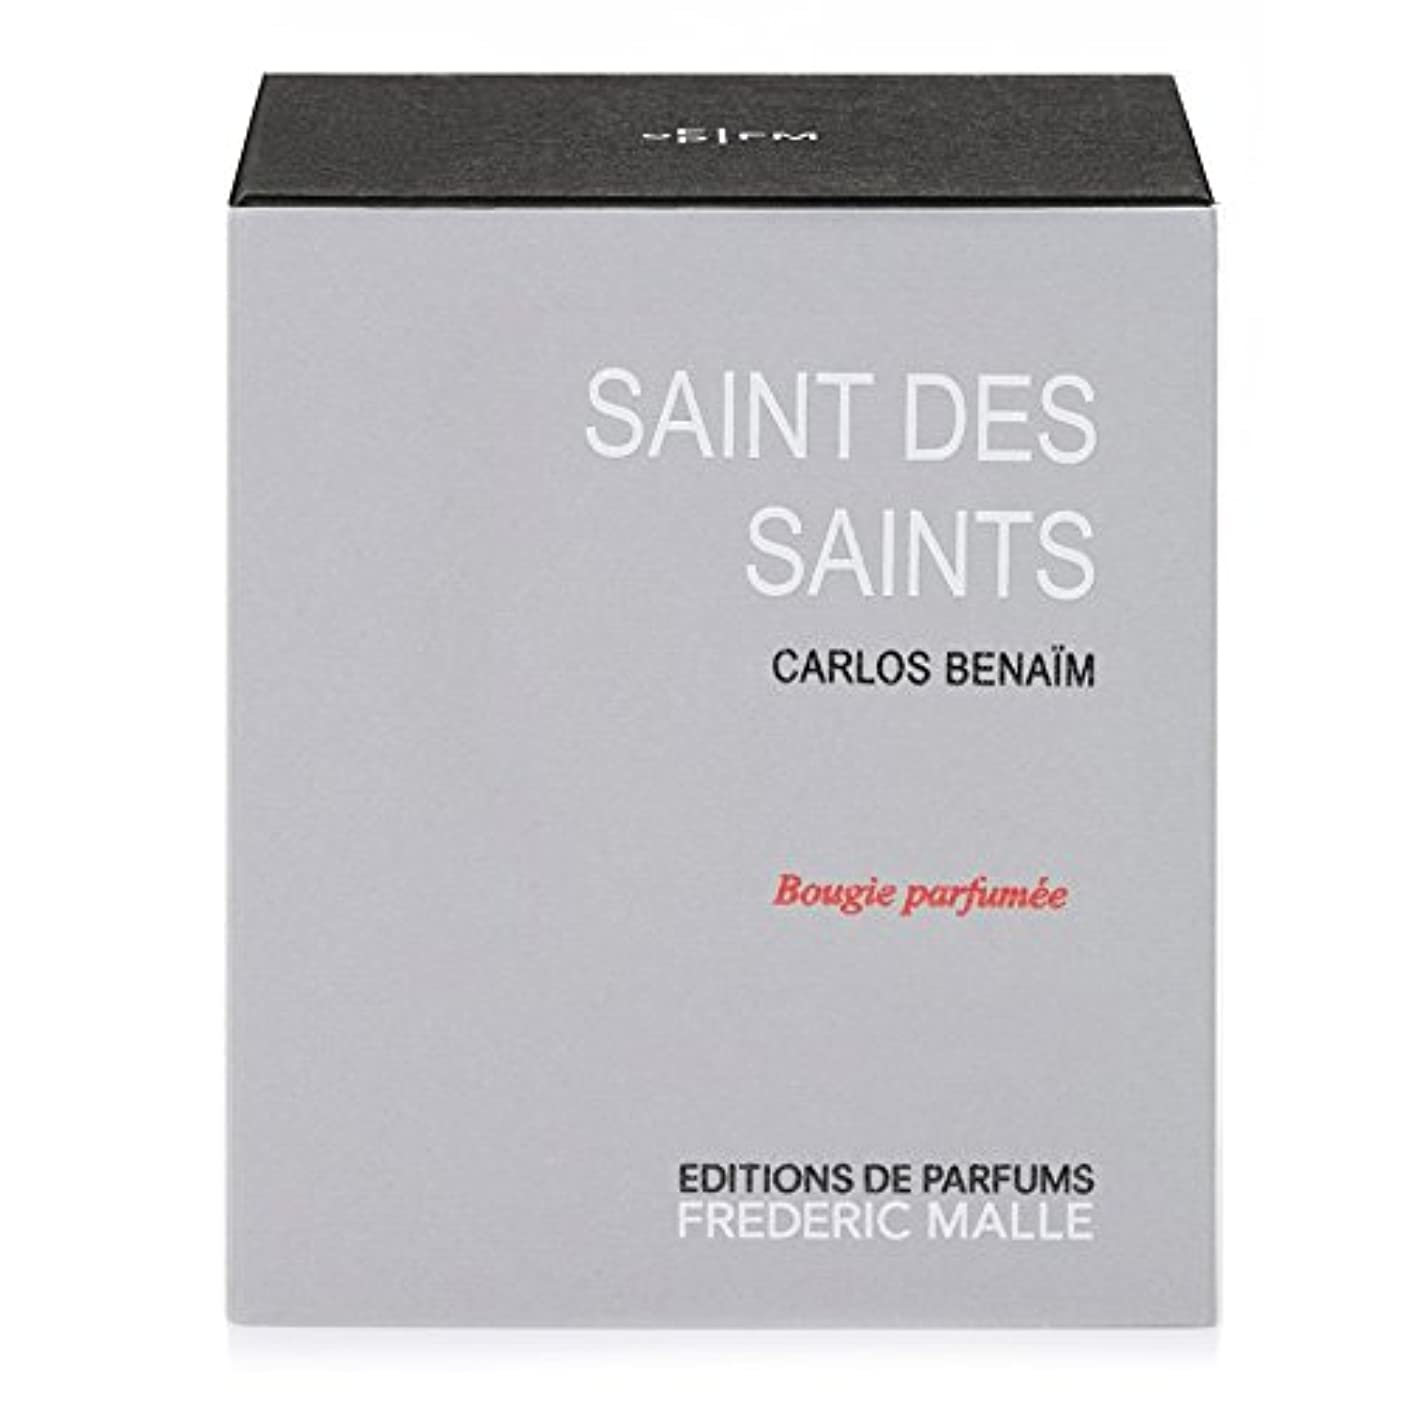 伝染性の撤退原子炉フレデリック?マル聖人デ聖人の香りのキャンドル220グラム x6 - Frederic Malle Saint Des Saints Scented Candle 220g (Pack of 6) [並行輸入品]